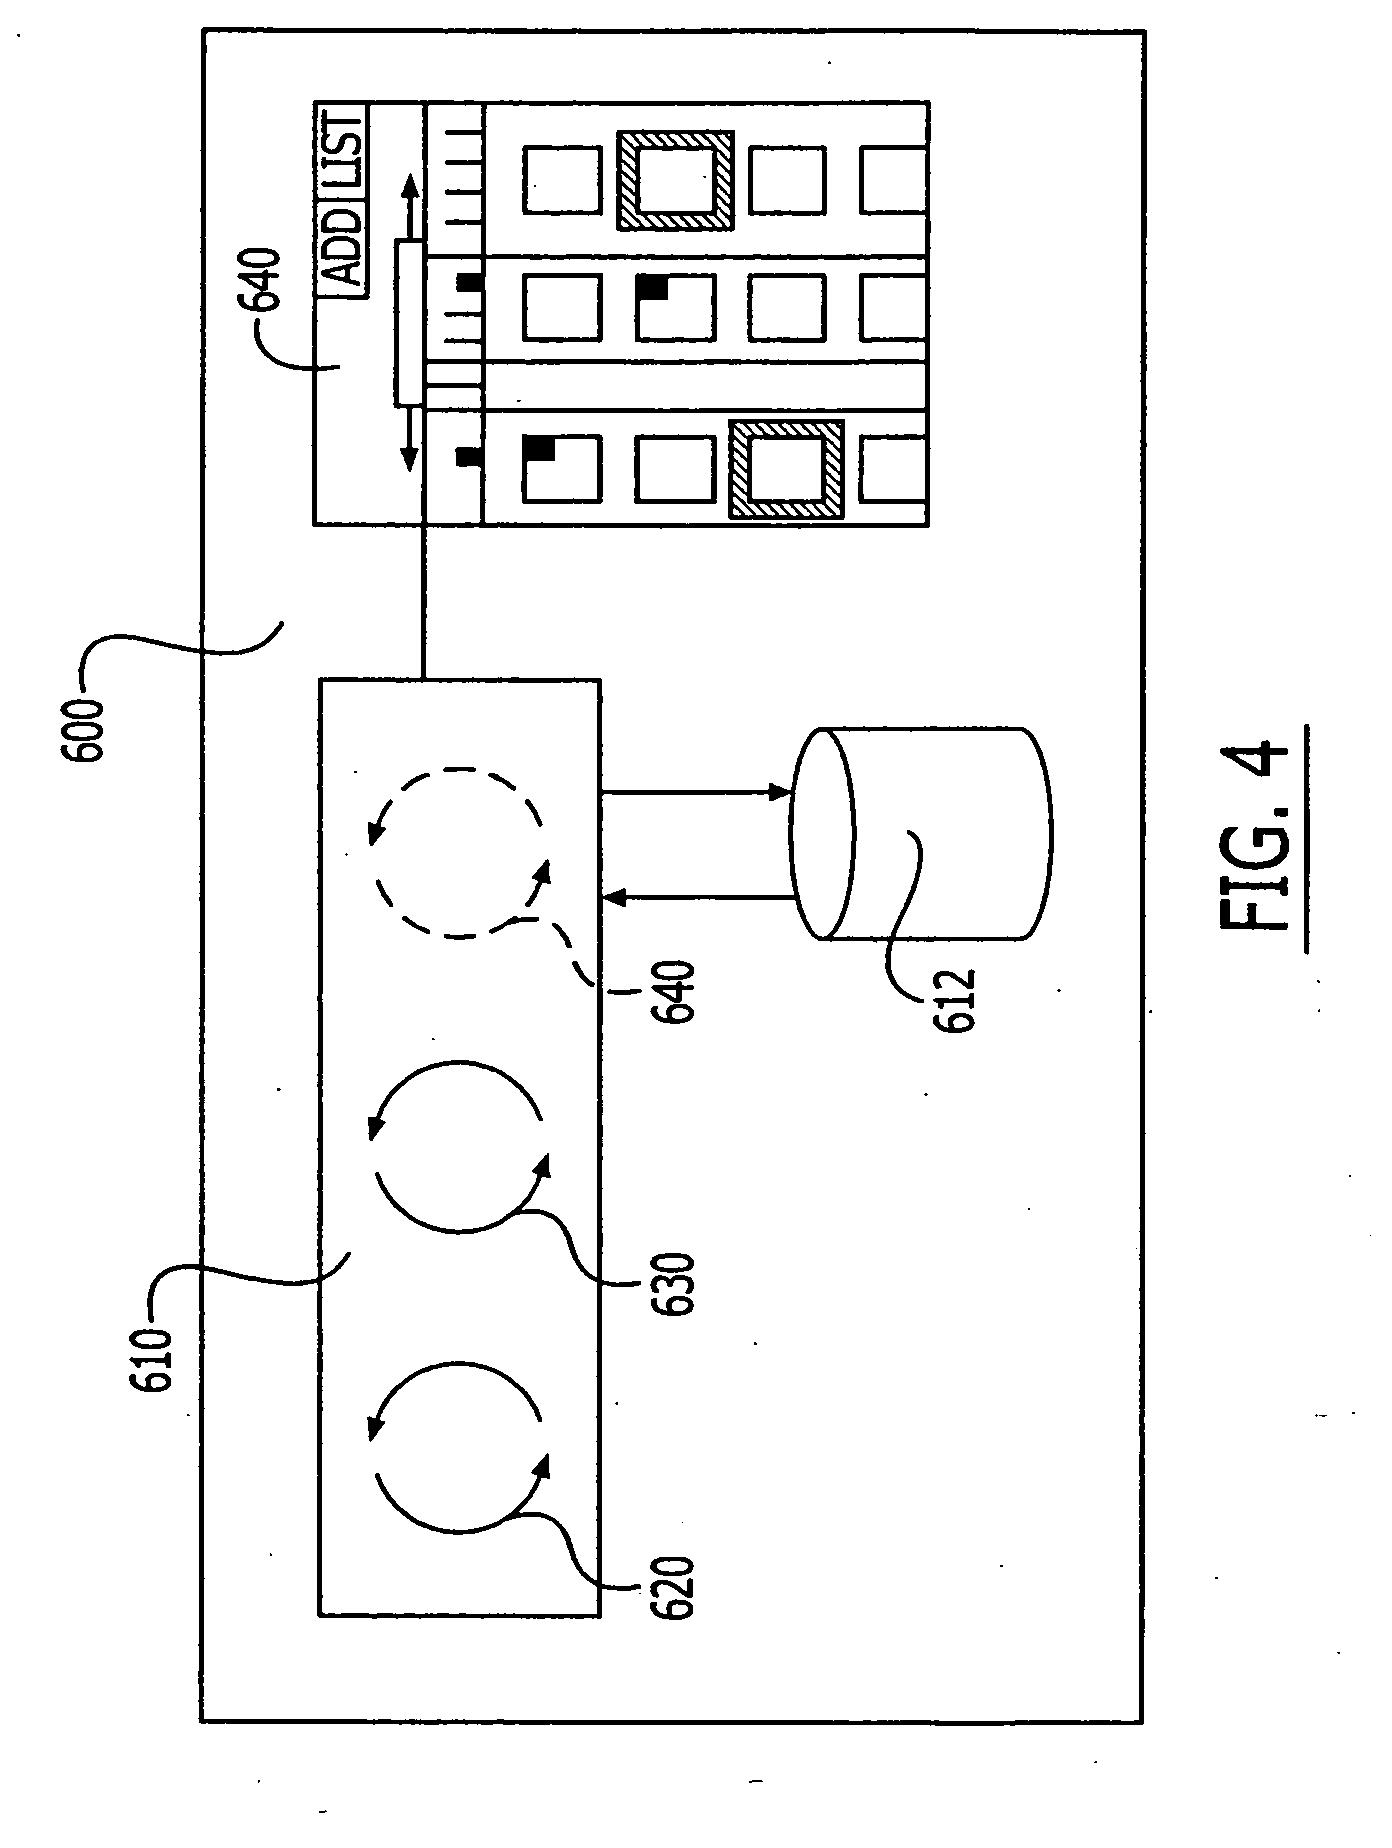 patent ep1531403a2 vermerken und anmerken in einer multimedialen tagebuch anwendung google. Black Bedroom Furniture Sets. Home Design Ideas